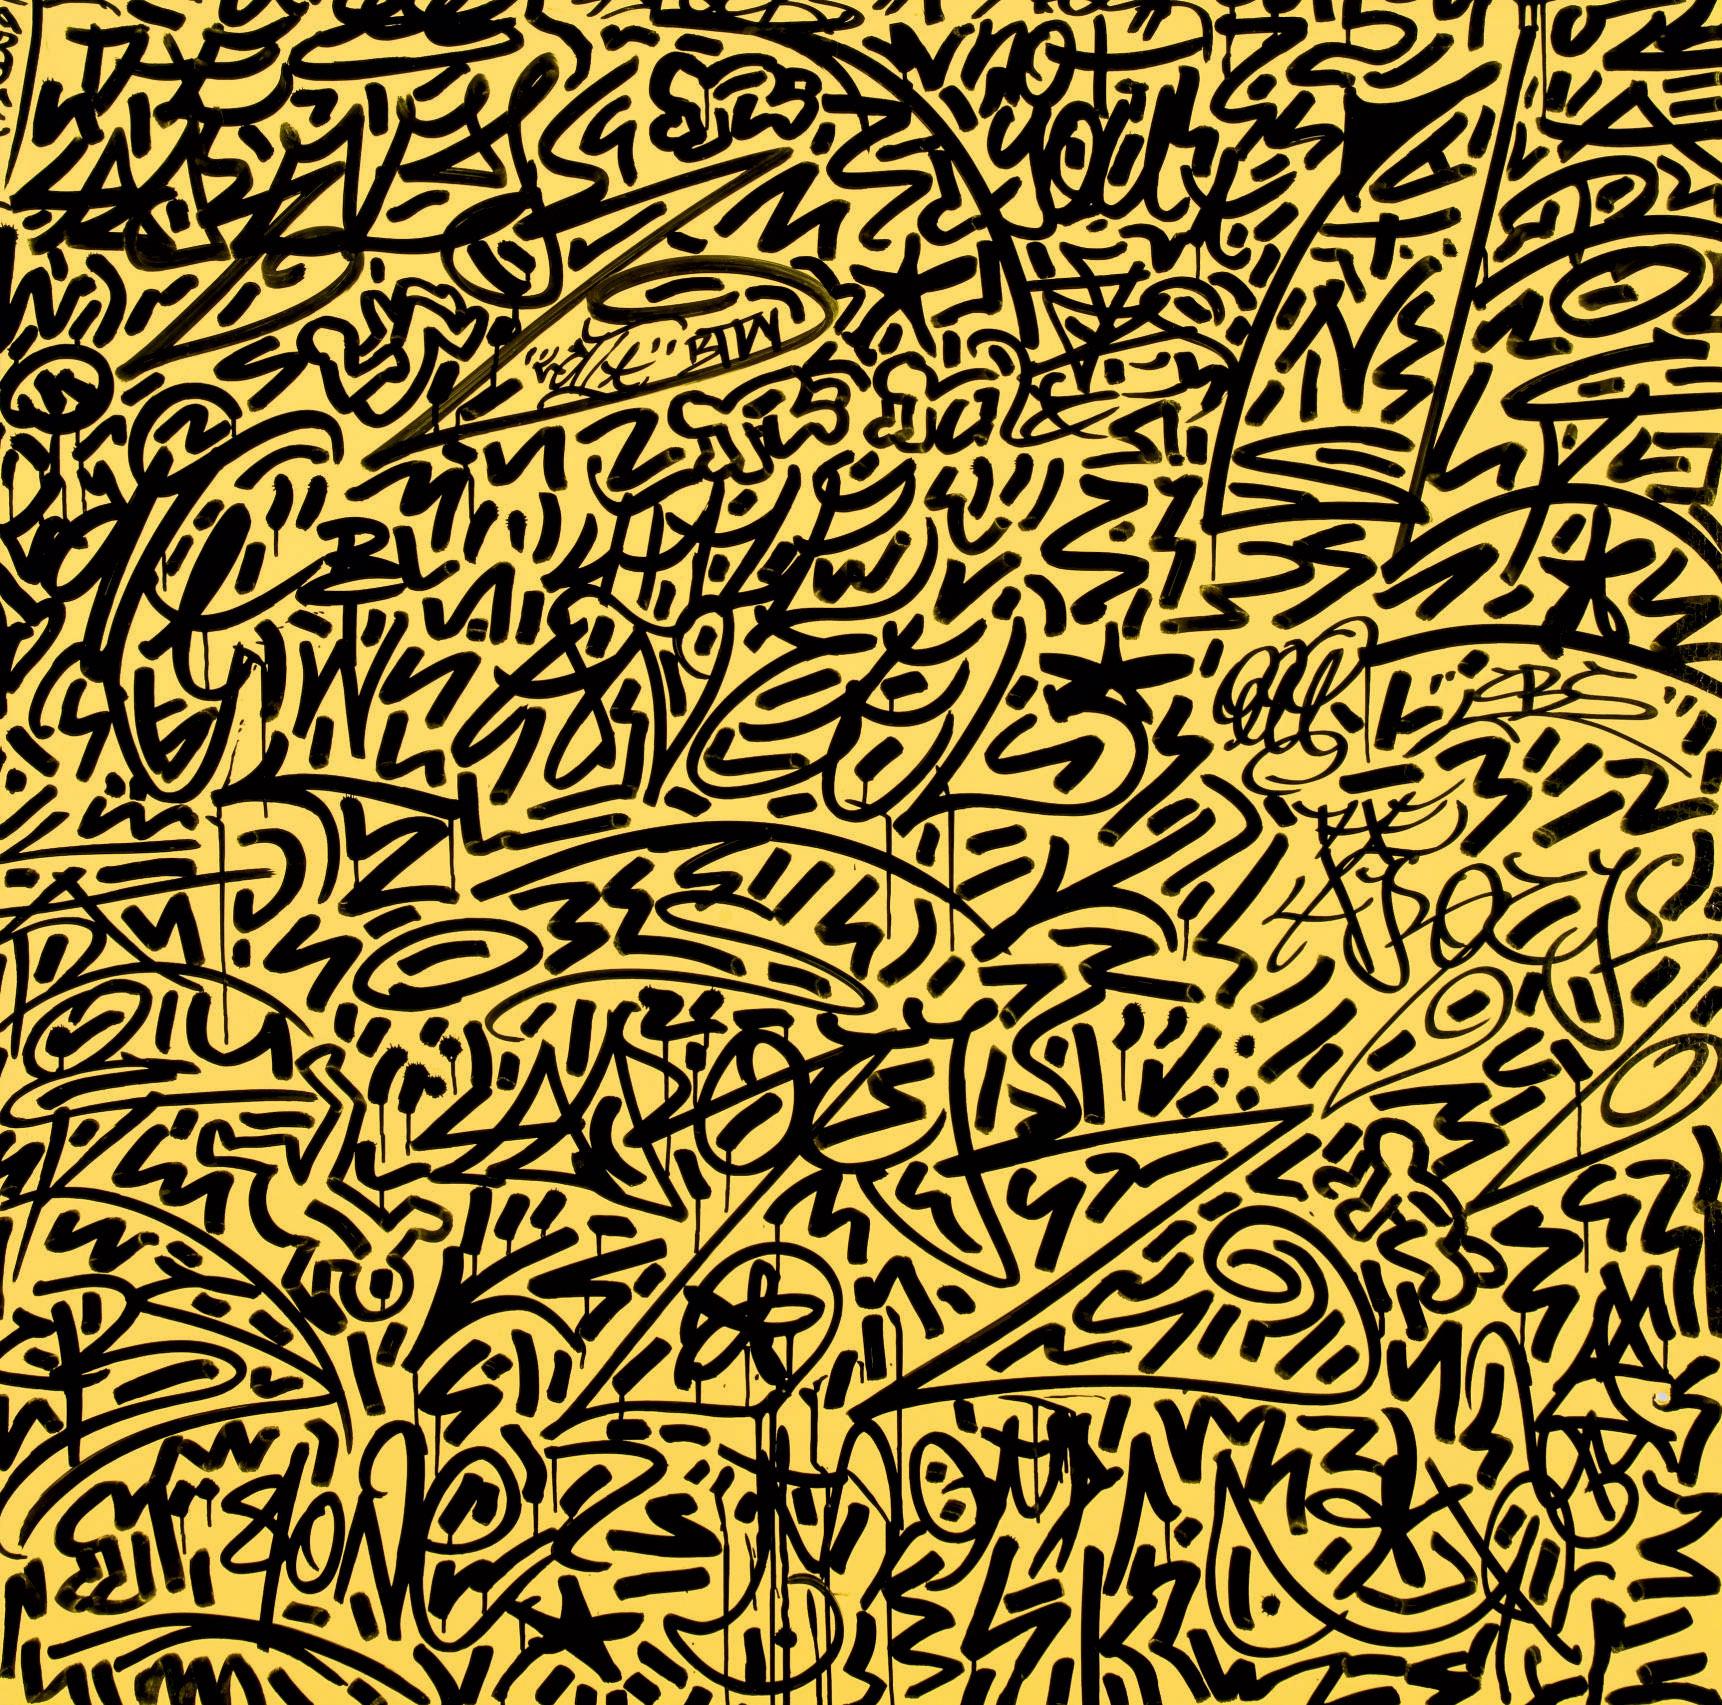 Keith Haring (1958-1990) & LA